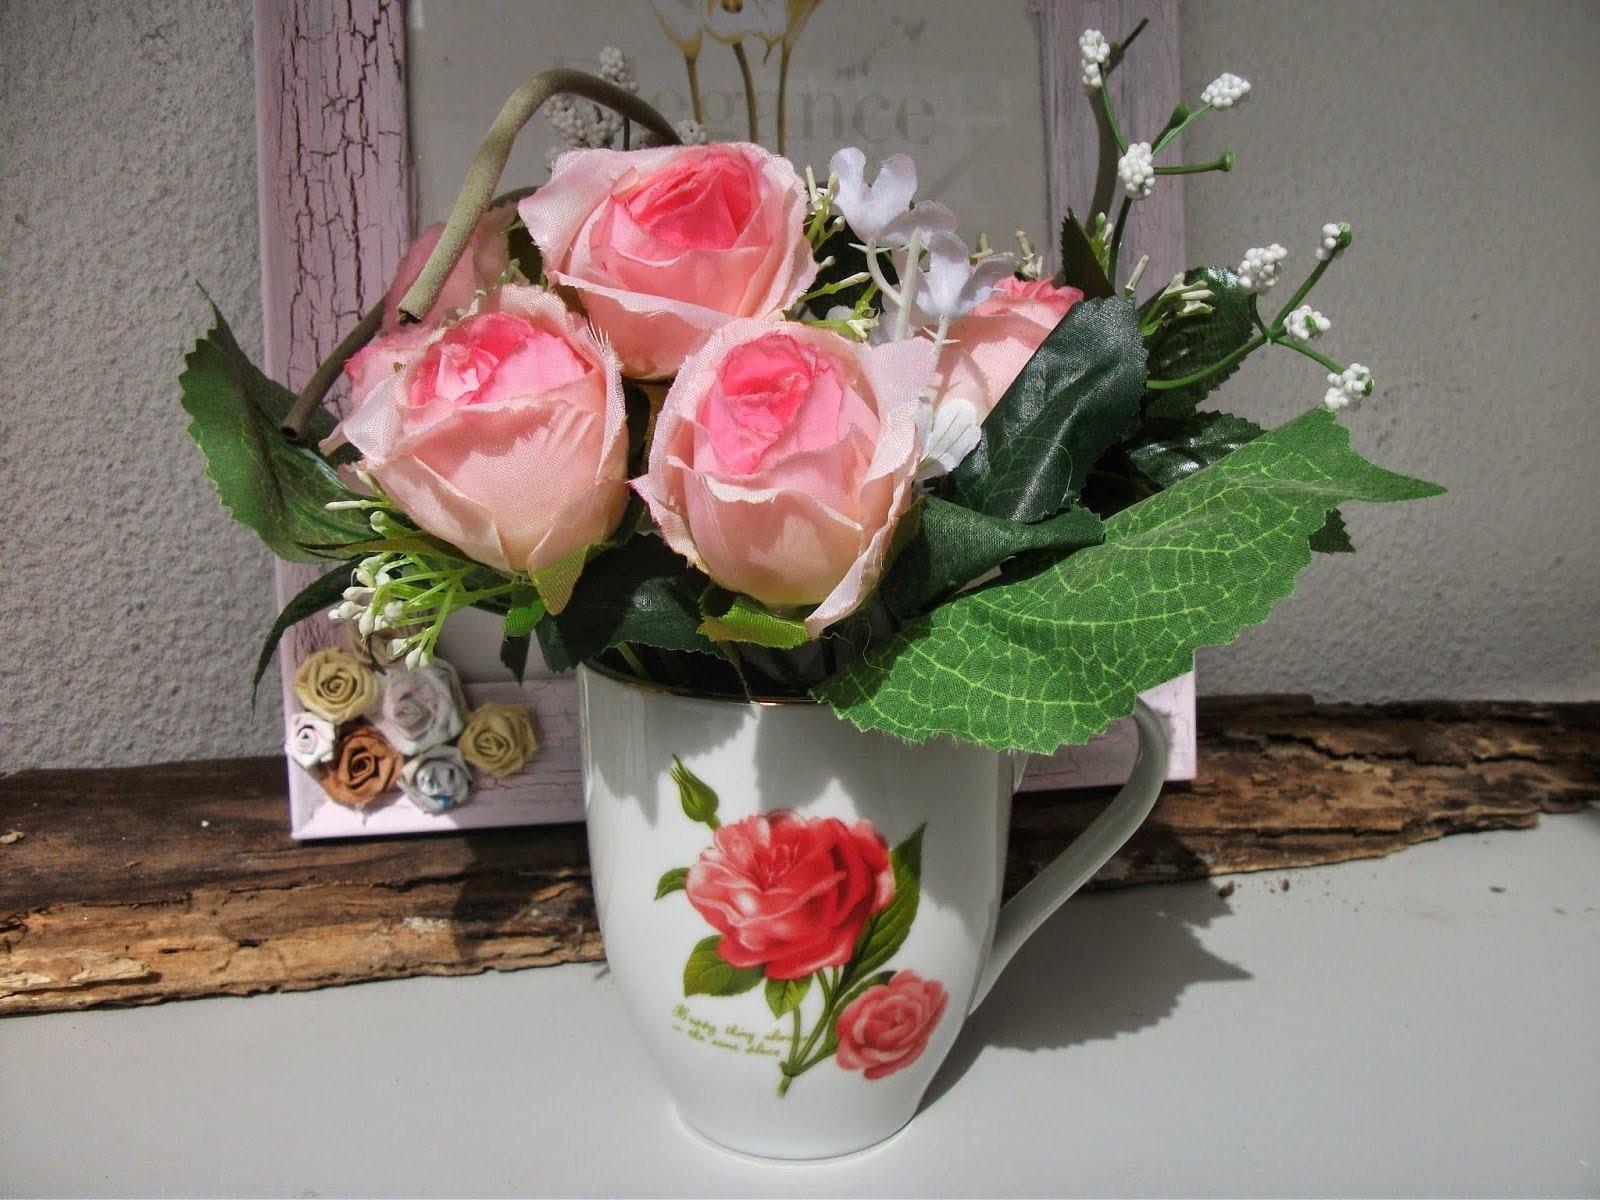 DIY:  Faça voce mesma um lindo arranjo de flores na xicara